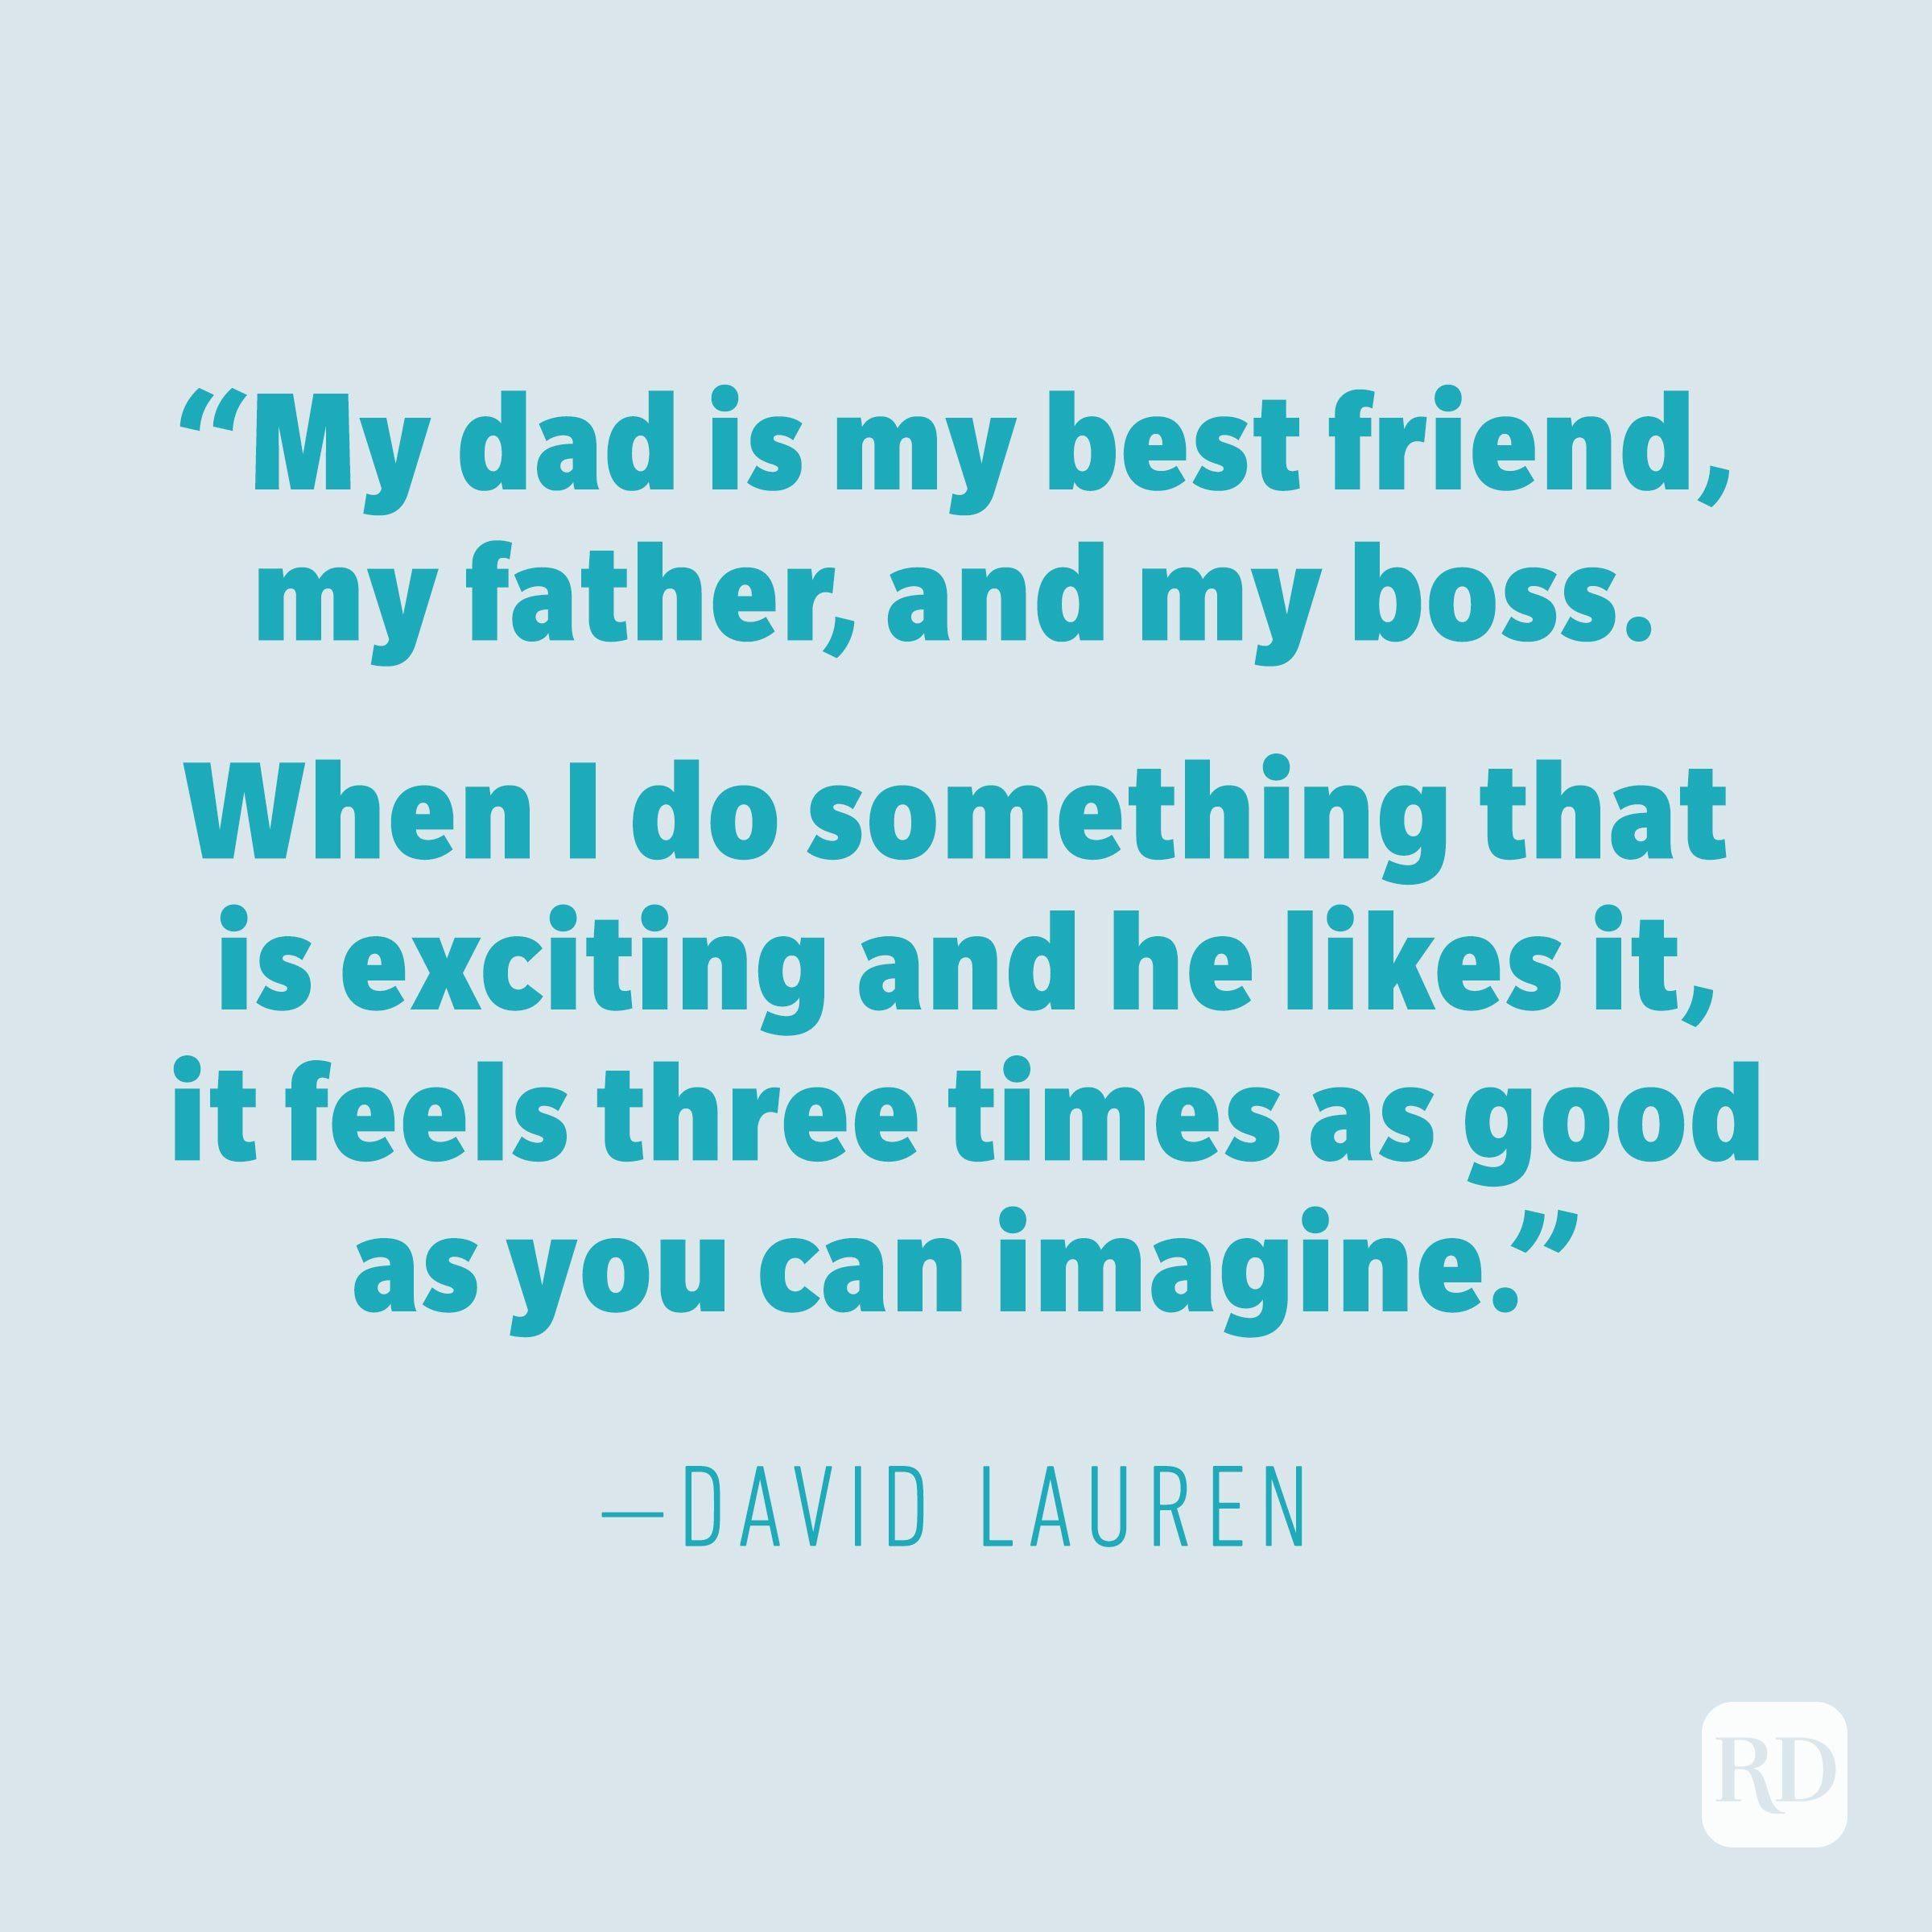 David Lauren quote